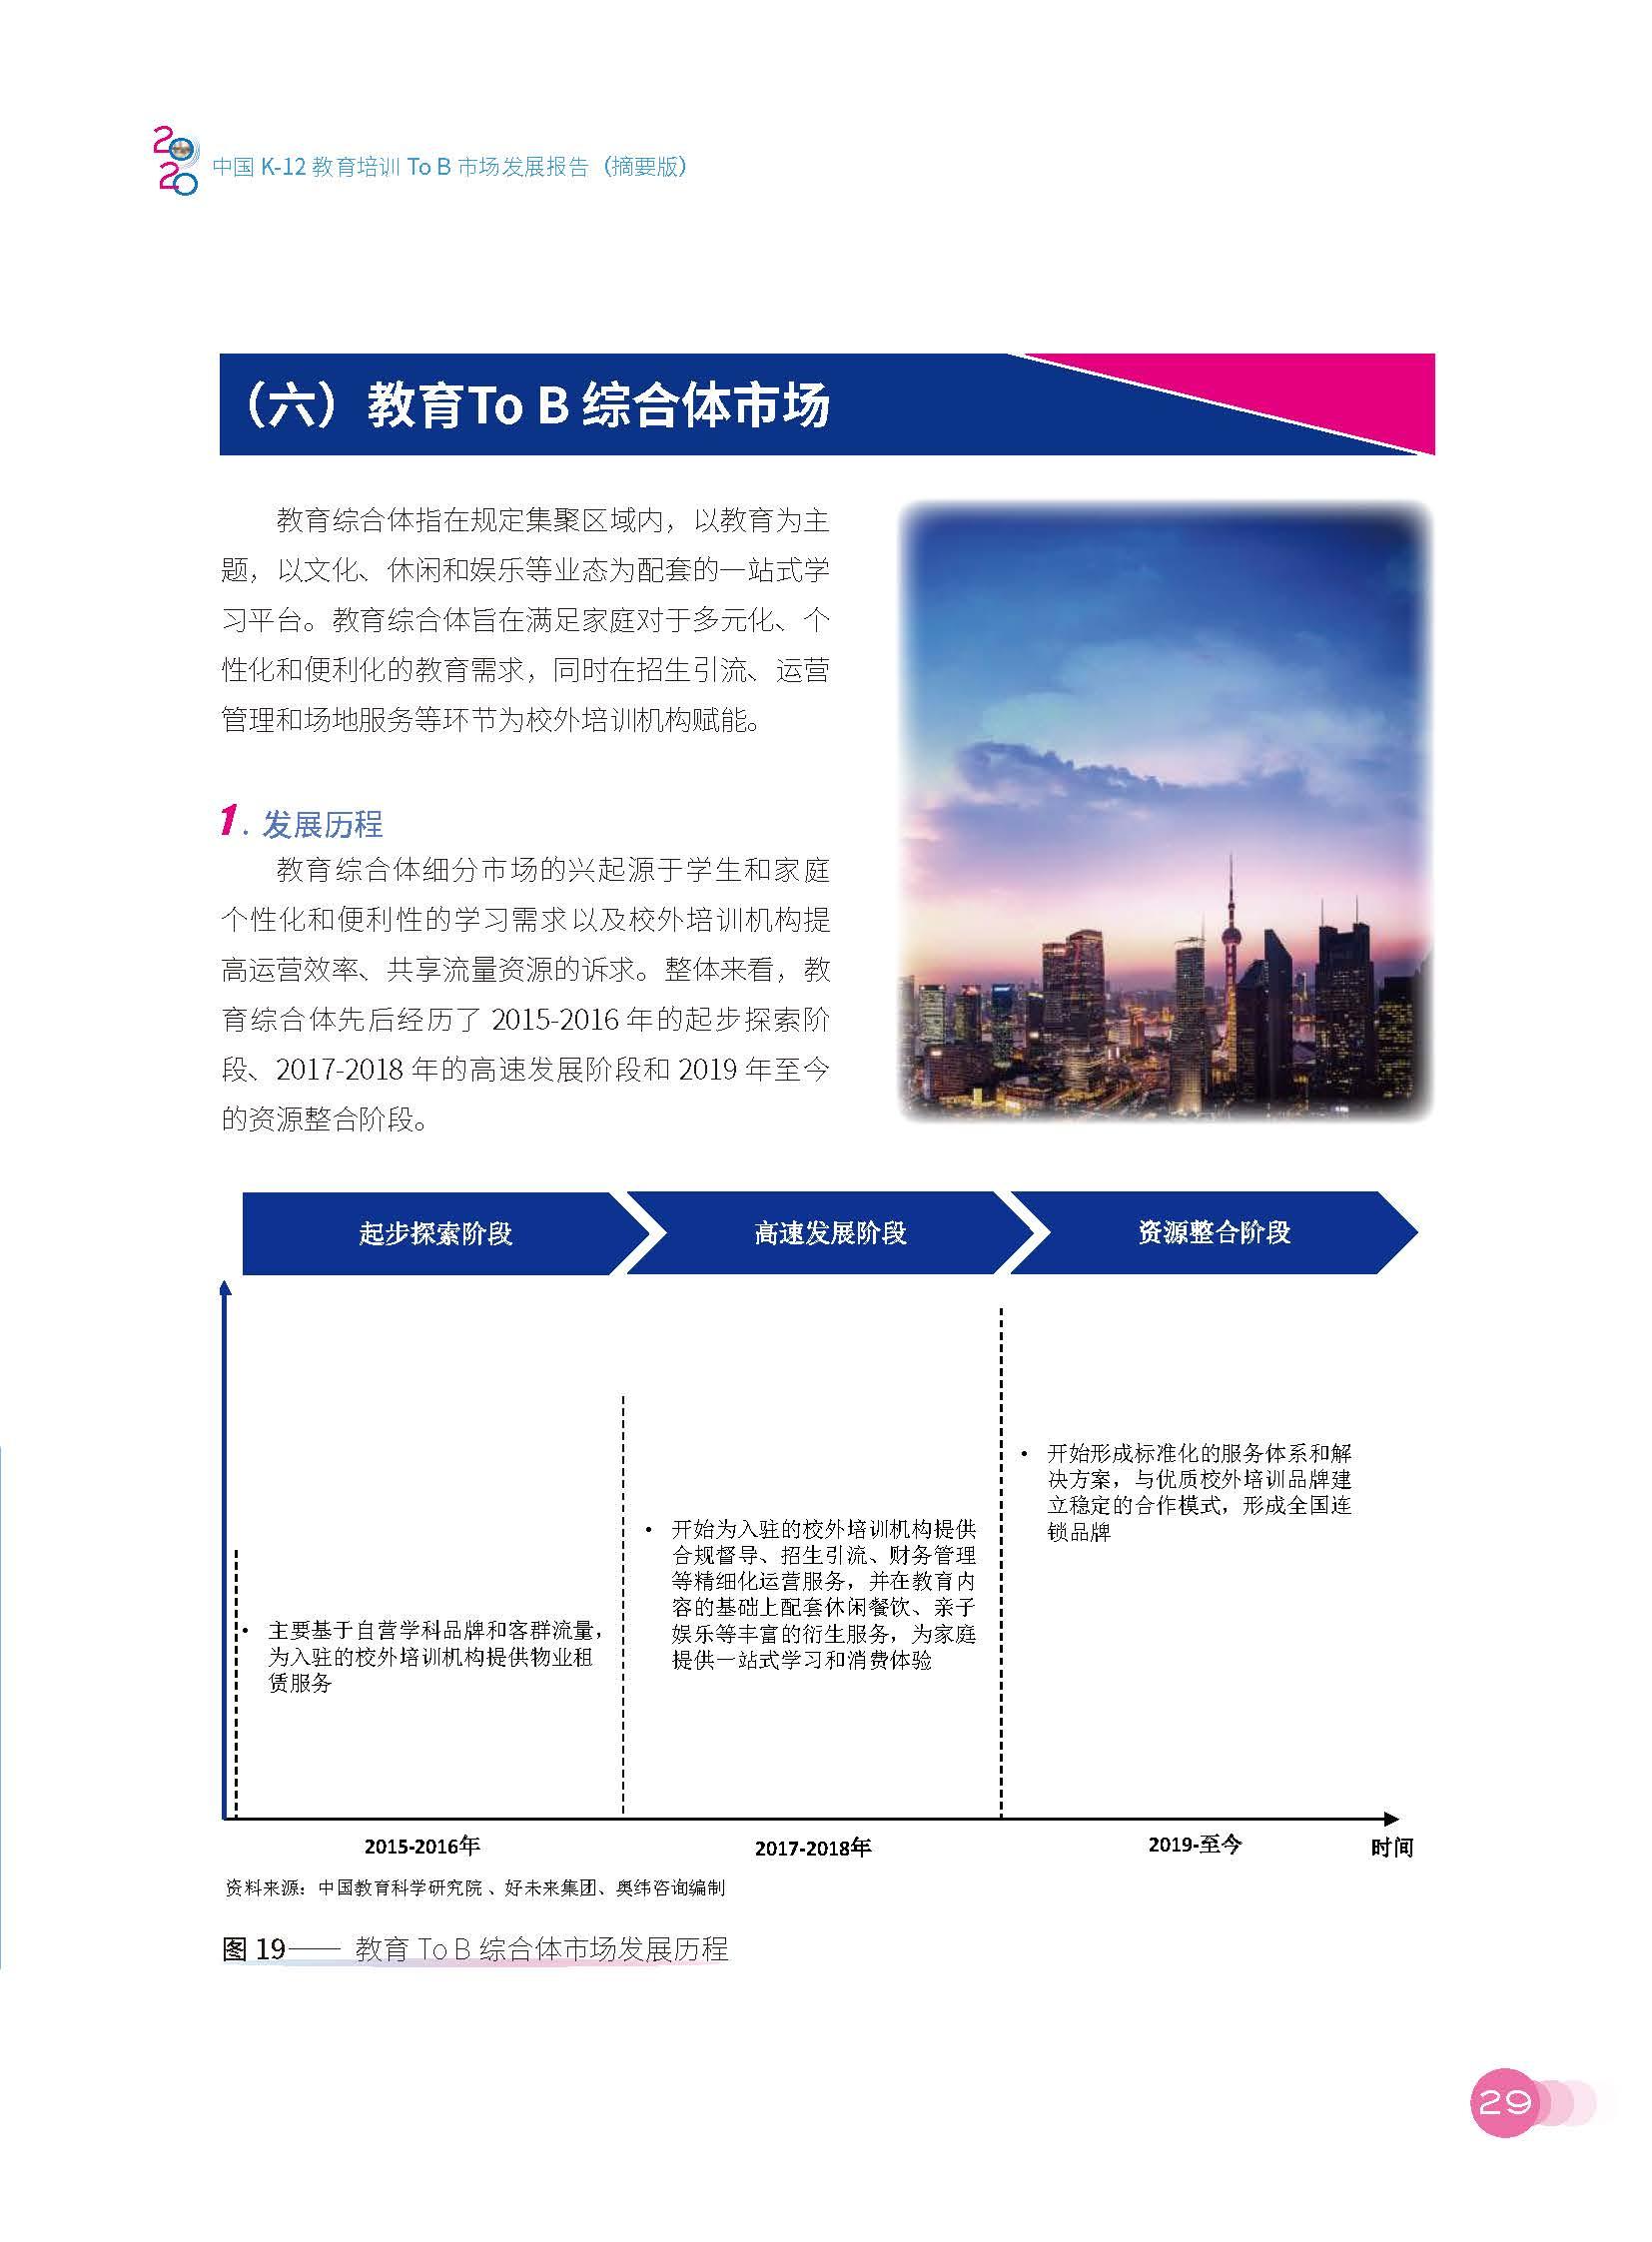 中国教育科学研究院:2020中国K~12教育培训To B市场发展报告(56页)_页面_32.jpg